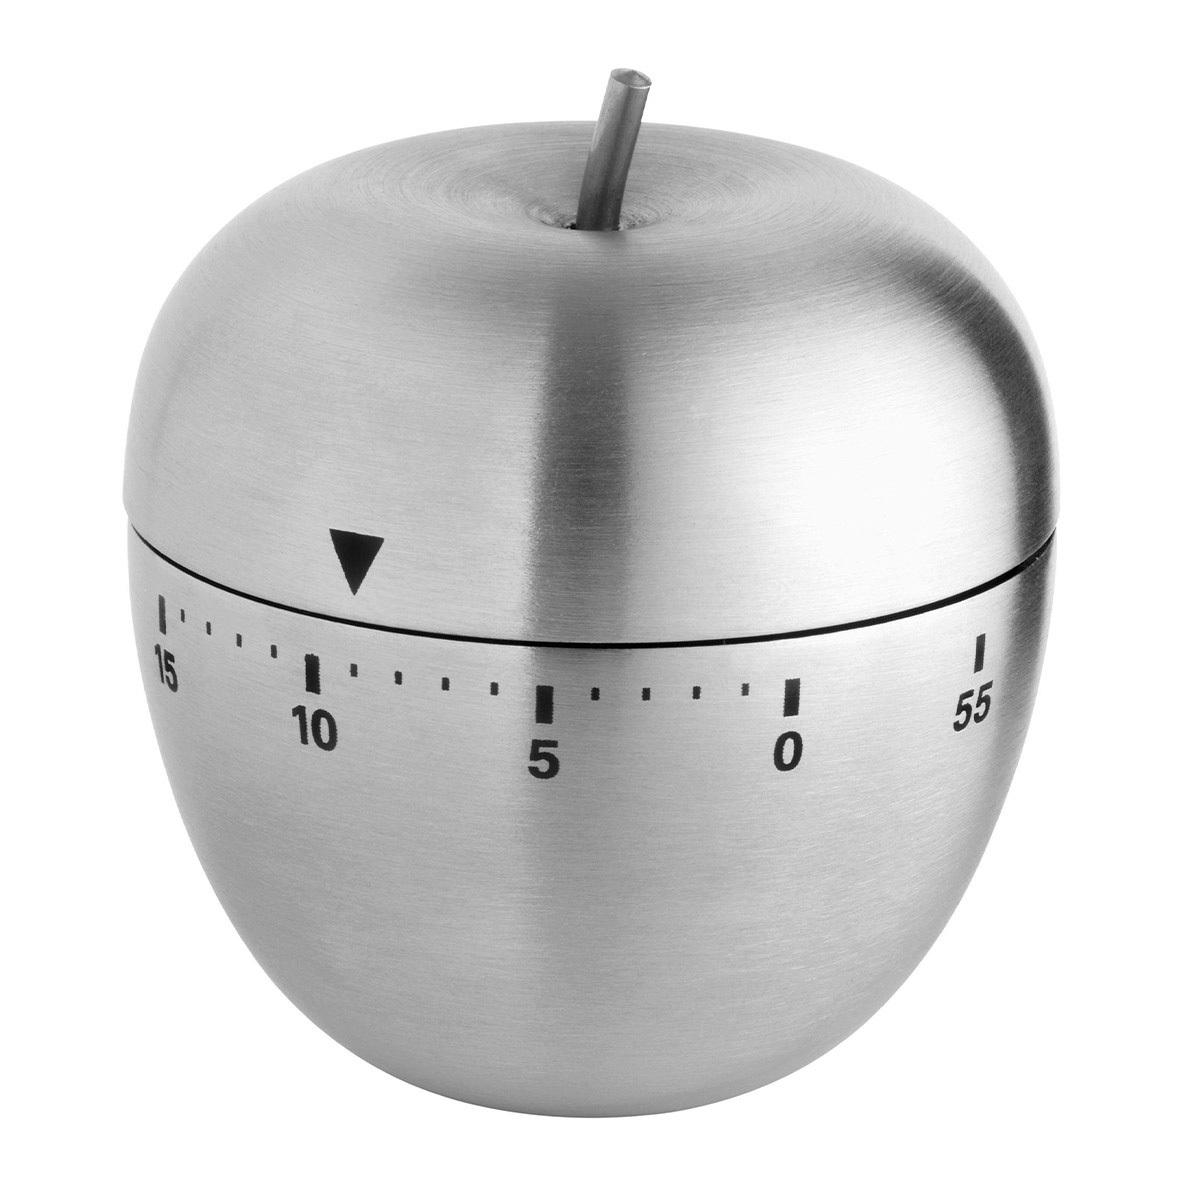 38-1030-54-analoger-küchen-timer-apfel-1200x1200px.jpg